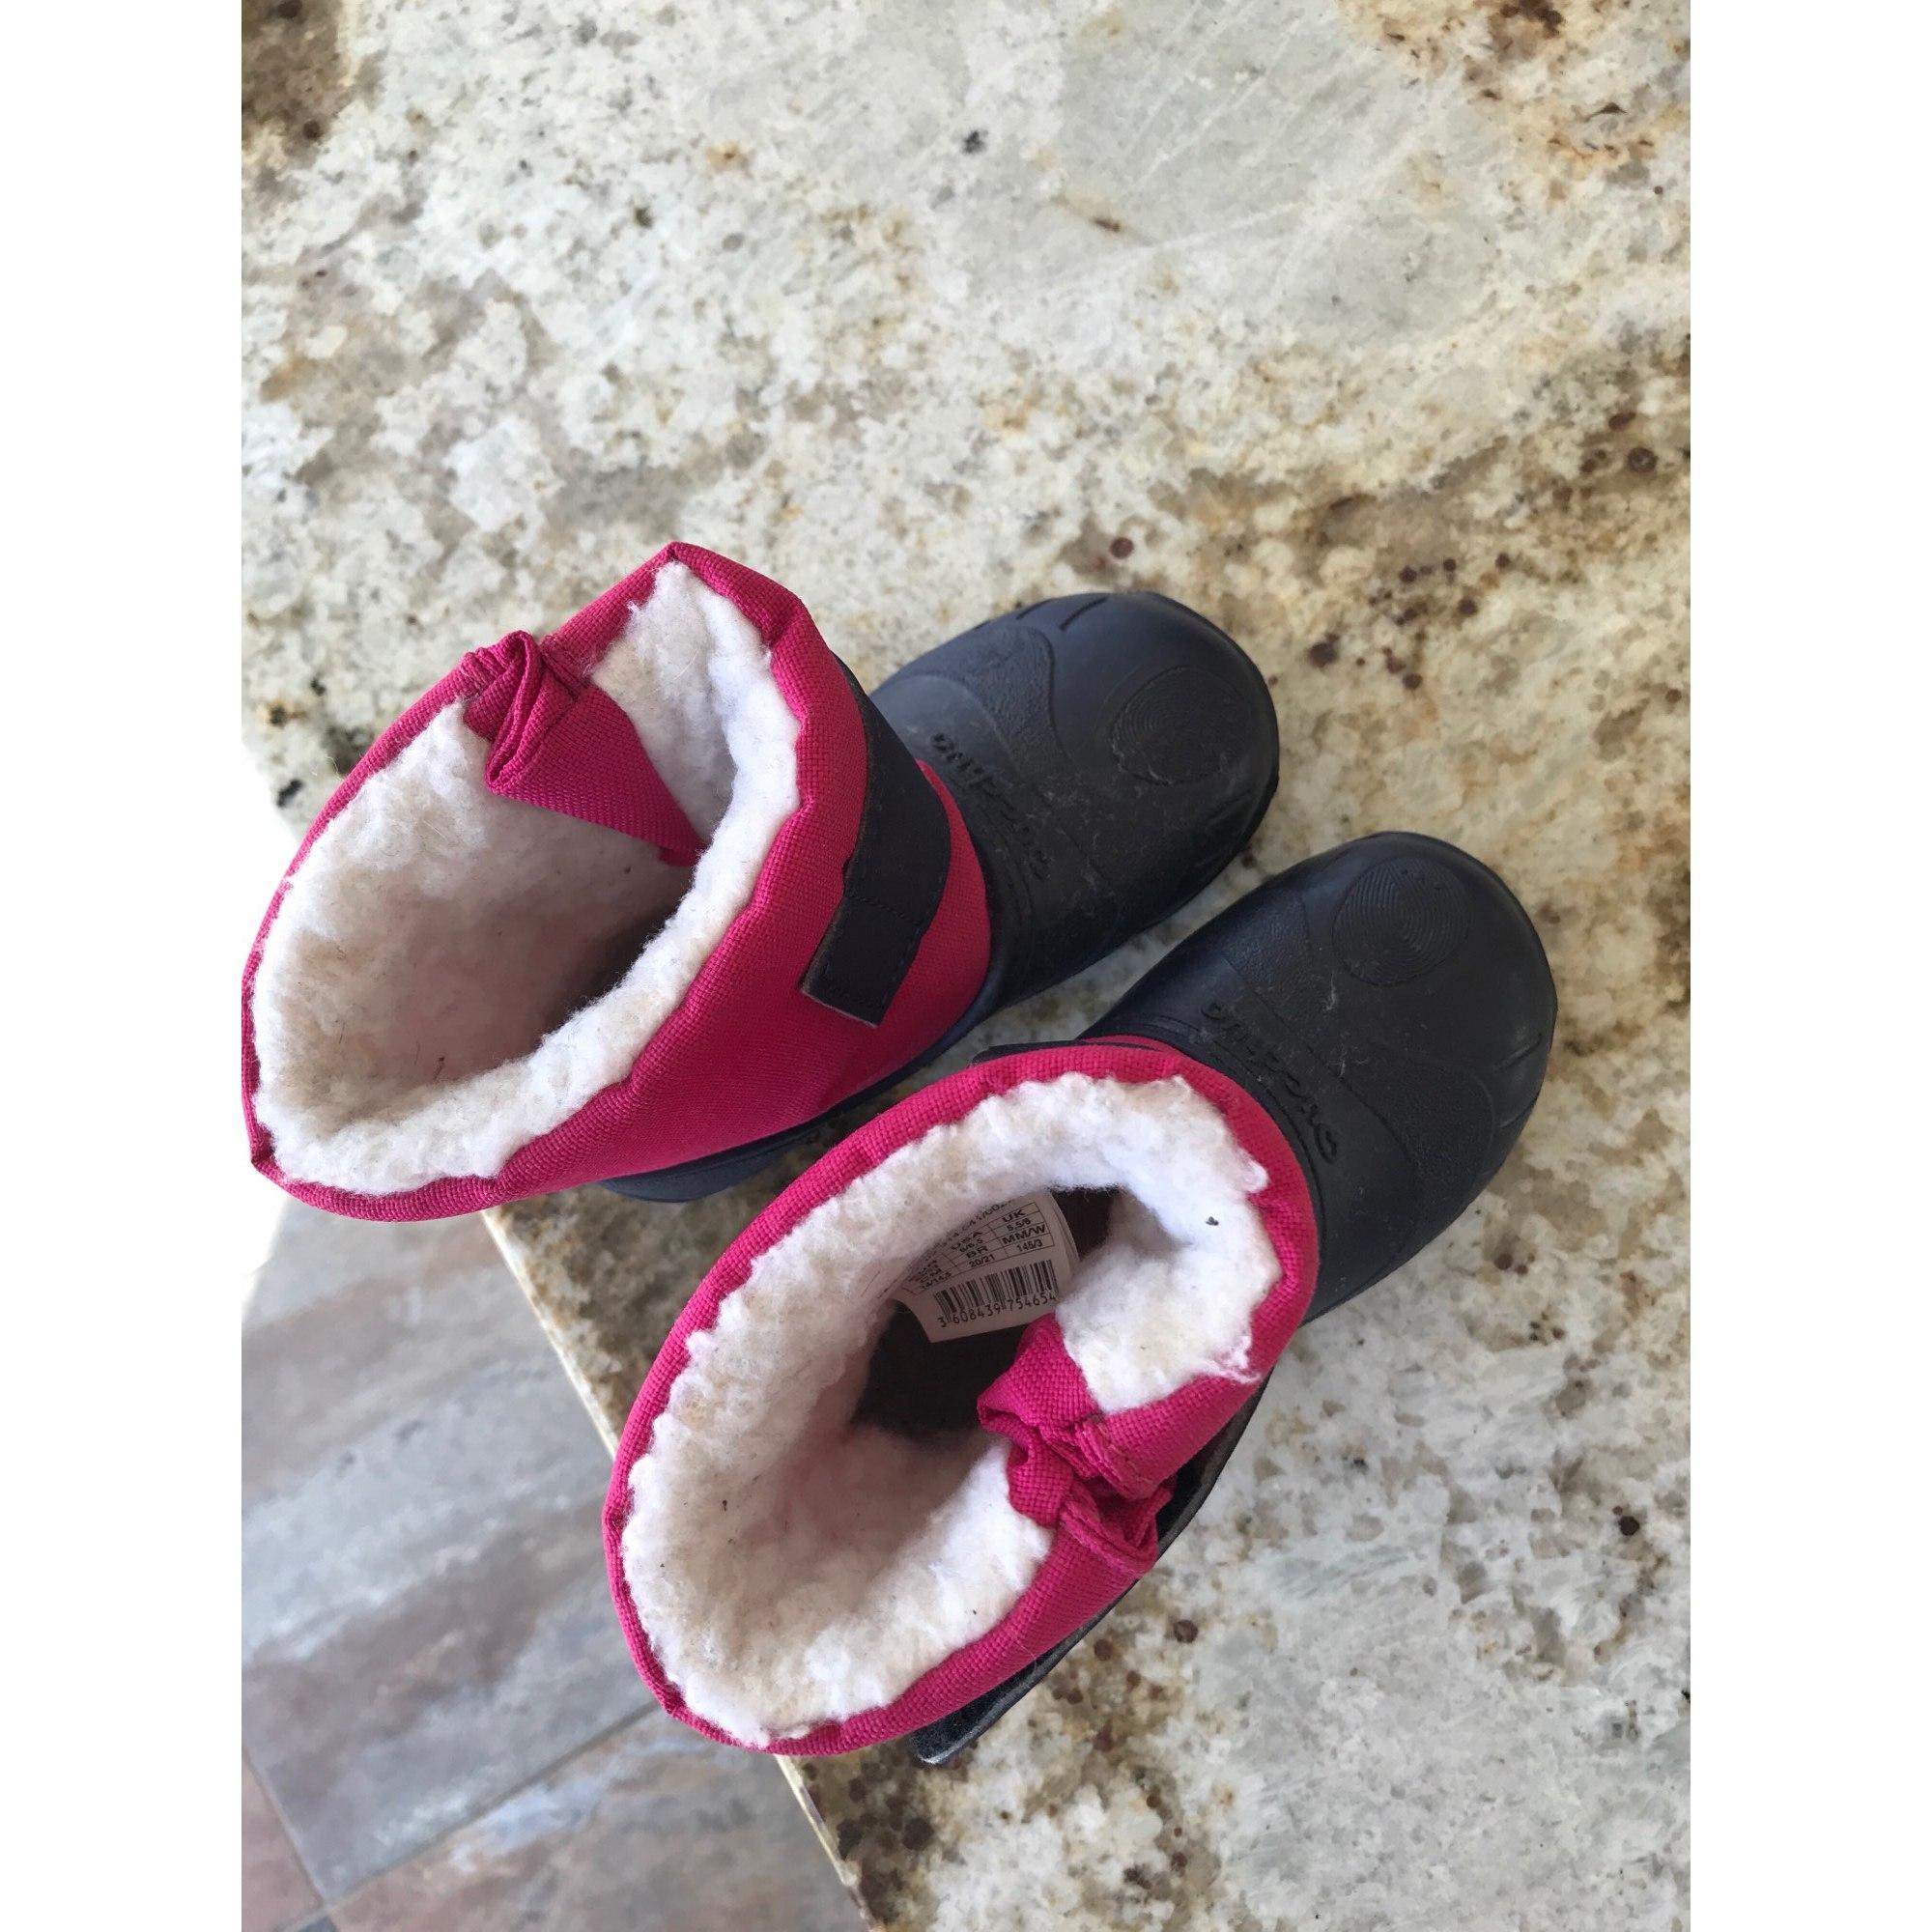 Bottes de neige QUECHUA plastique rose 22